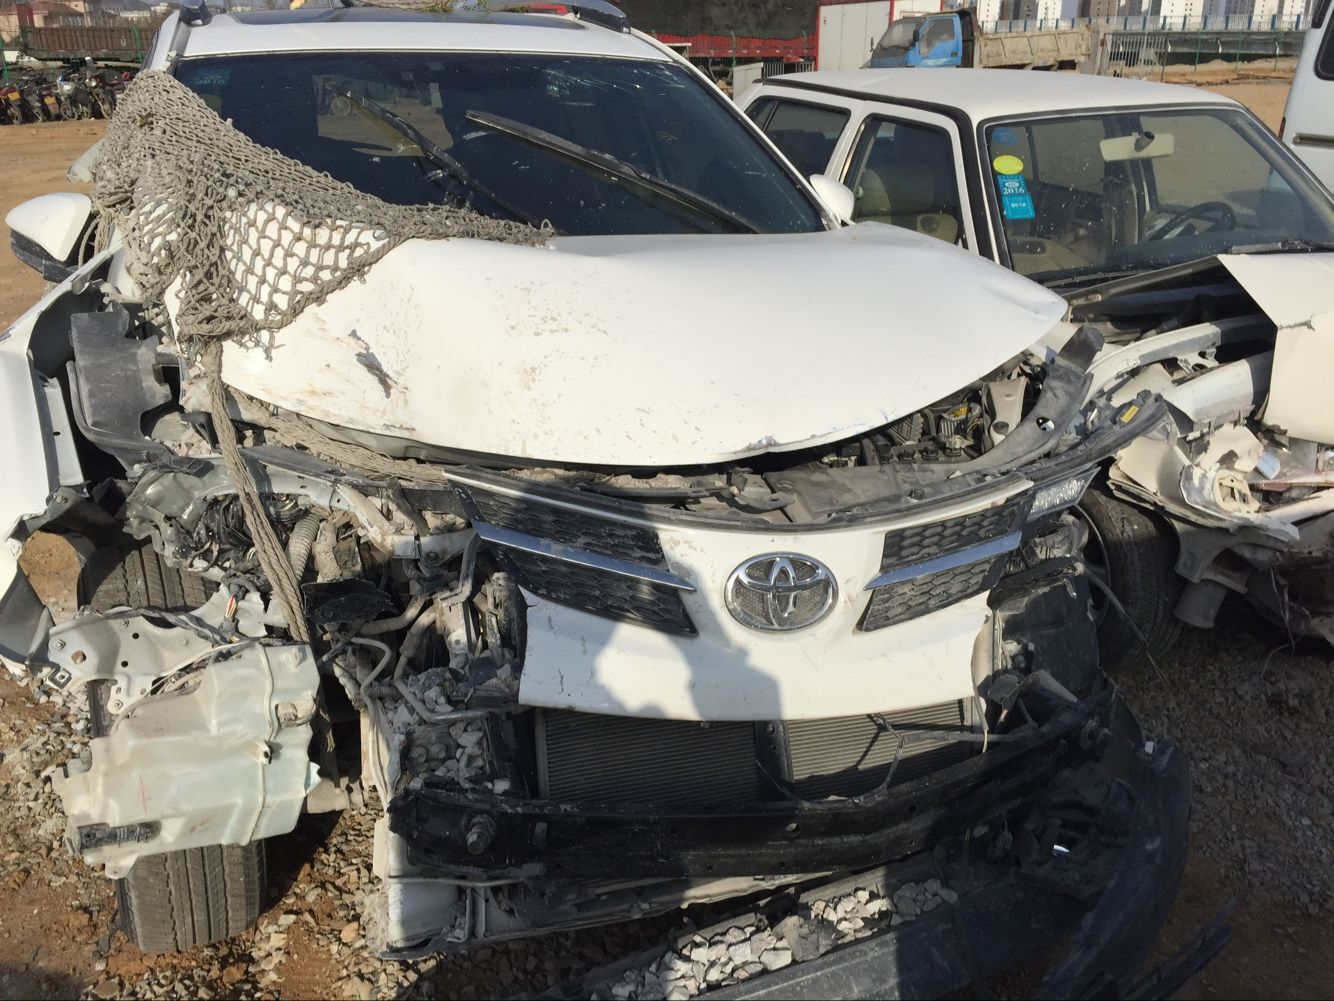 丰田rav4车费人伤,不见气囊,安全保障何见?